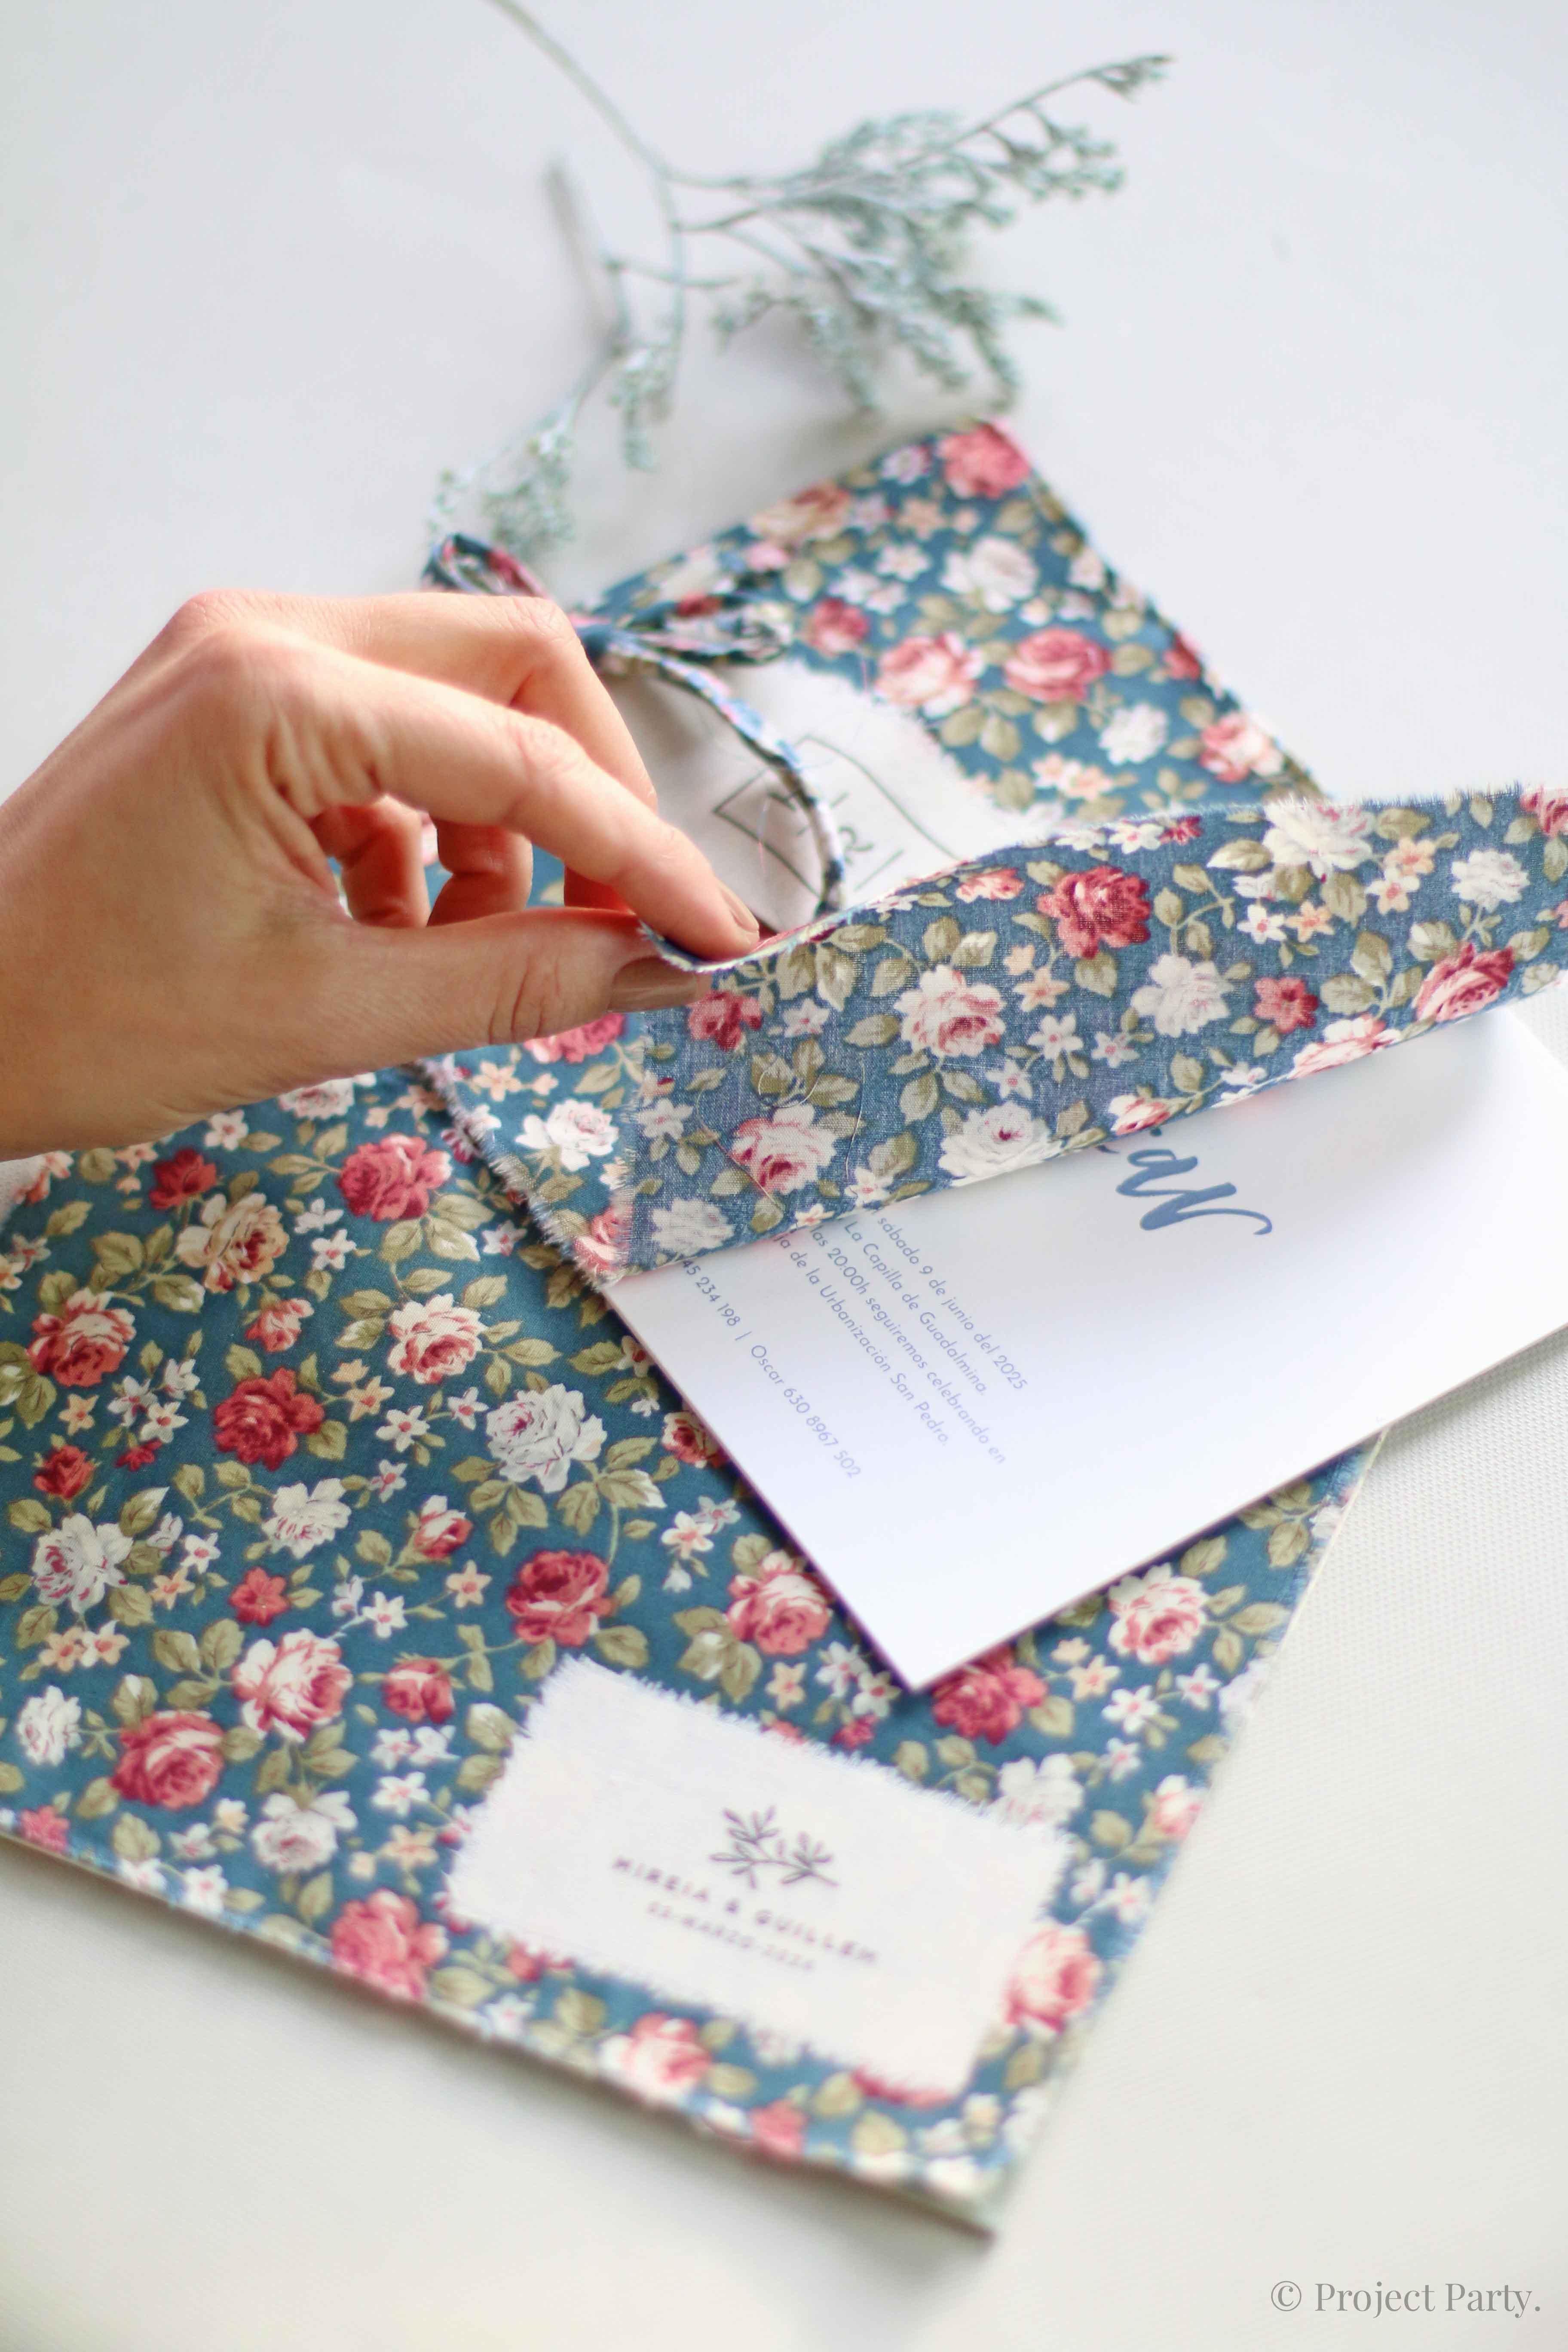 Invitaciones de boda hechas a mano - invitación en tela